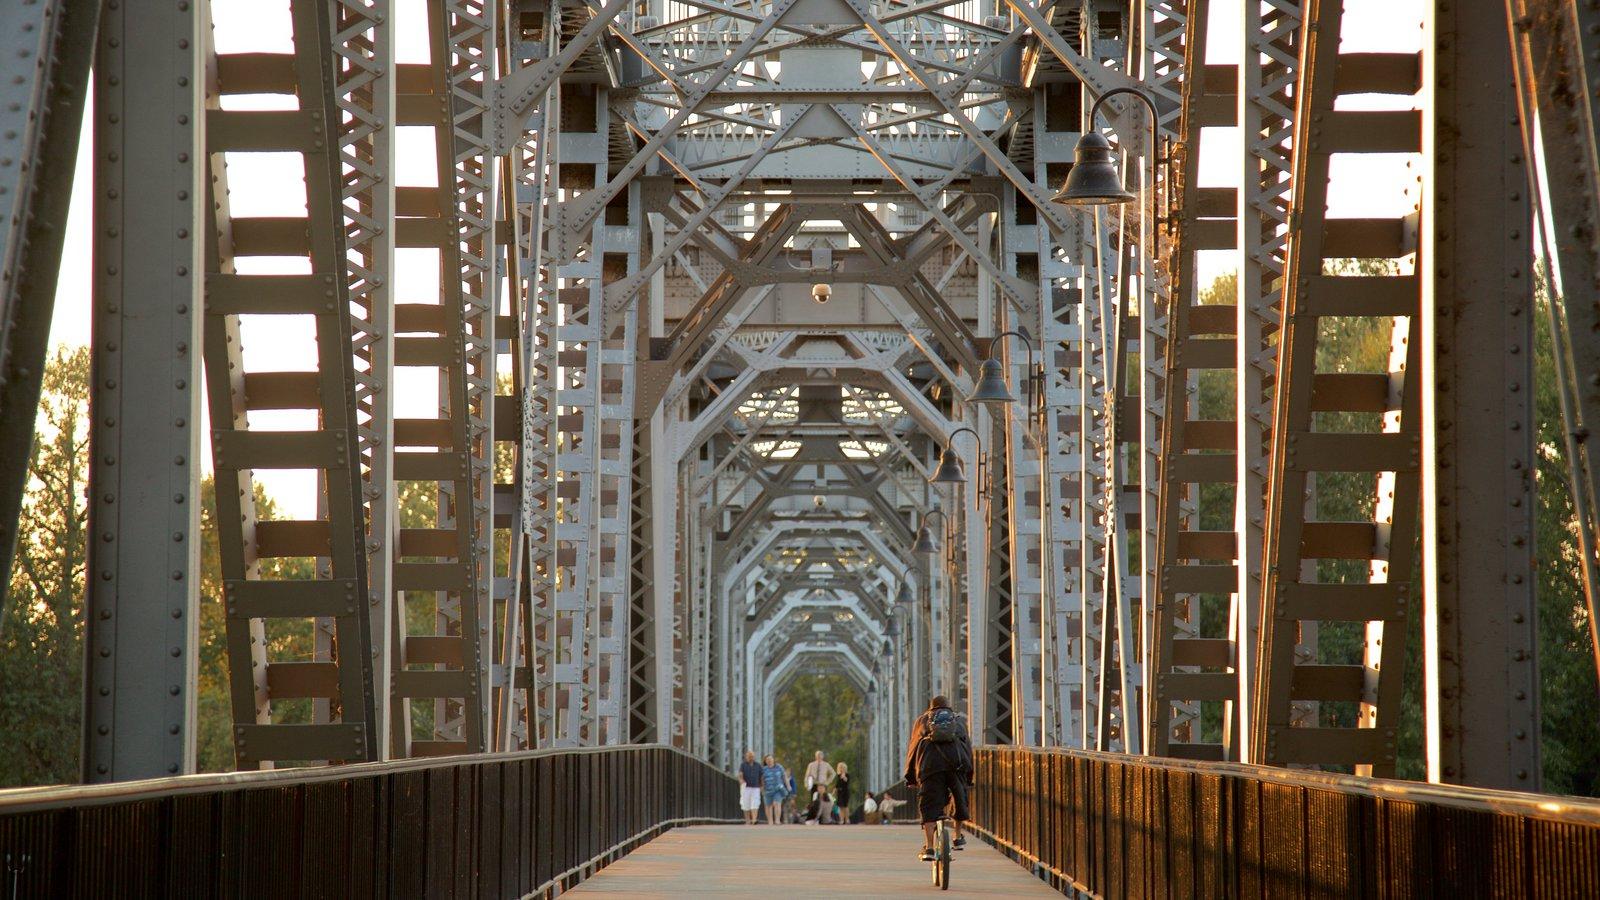 Salem mostrando un puente